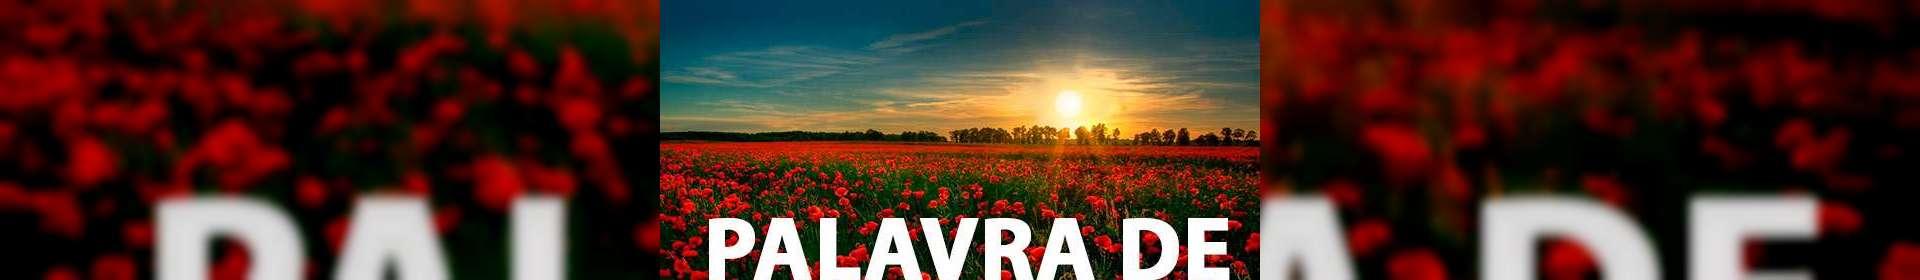 Salmos 122:1-3 - Uma Palavra de Esperança para sua vida